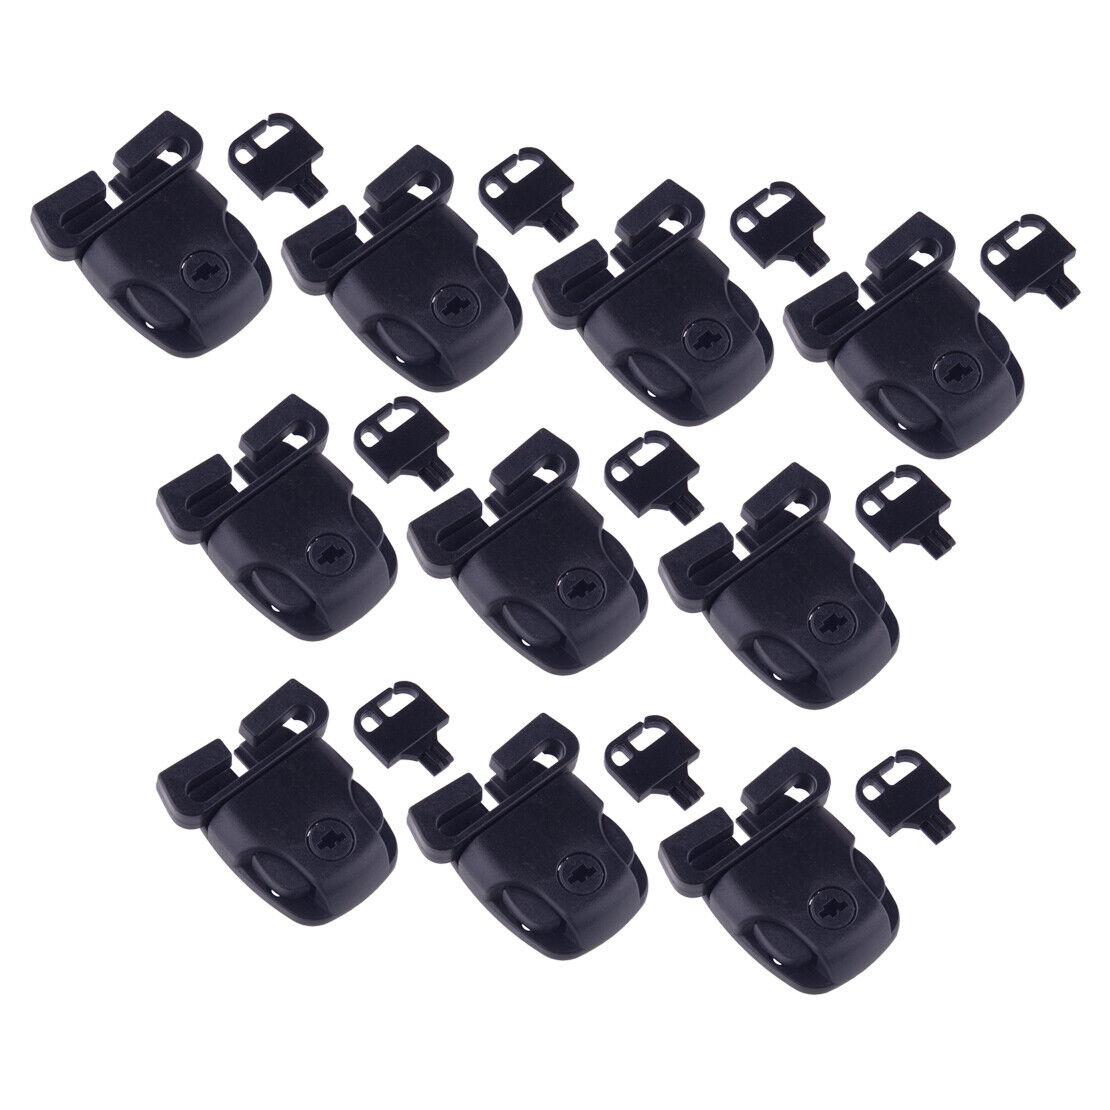 10 Spa Hot Tub Cover Broken Latch Repair Kit Clip Lock w/ Key